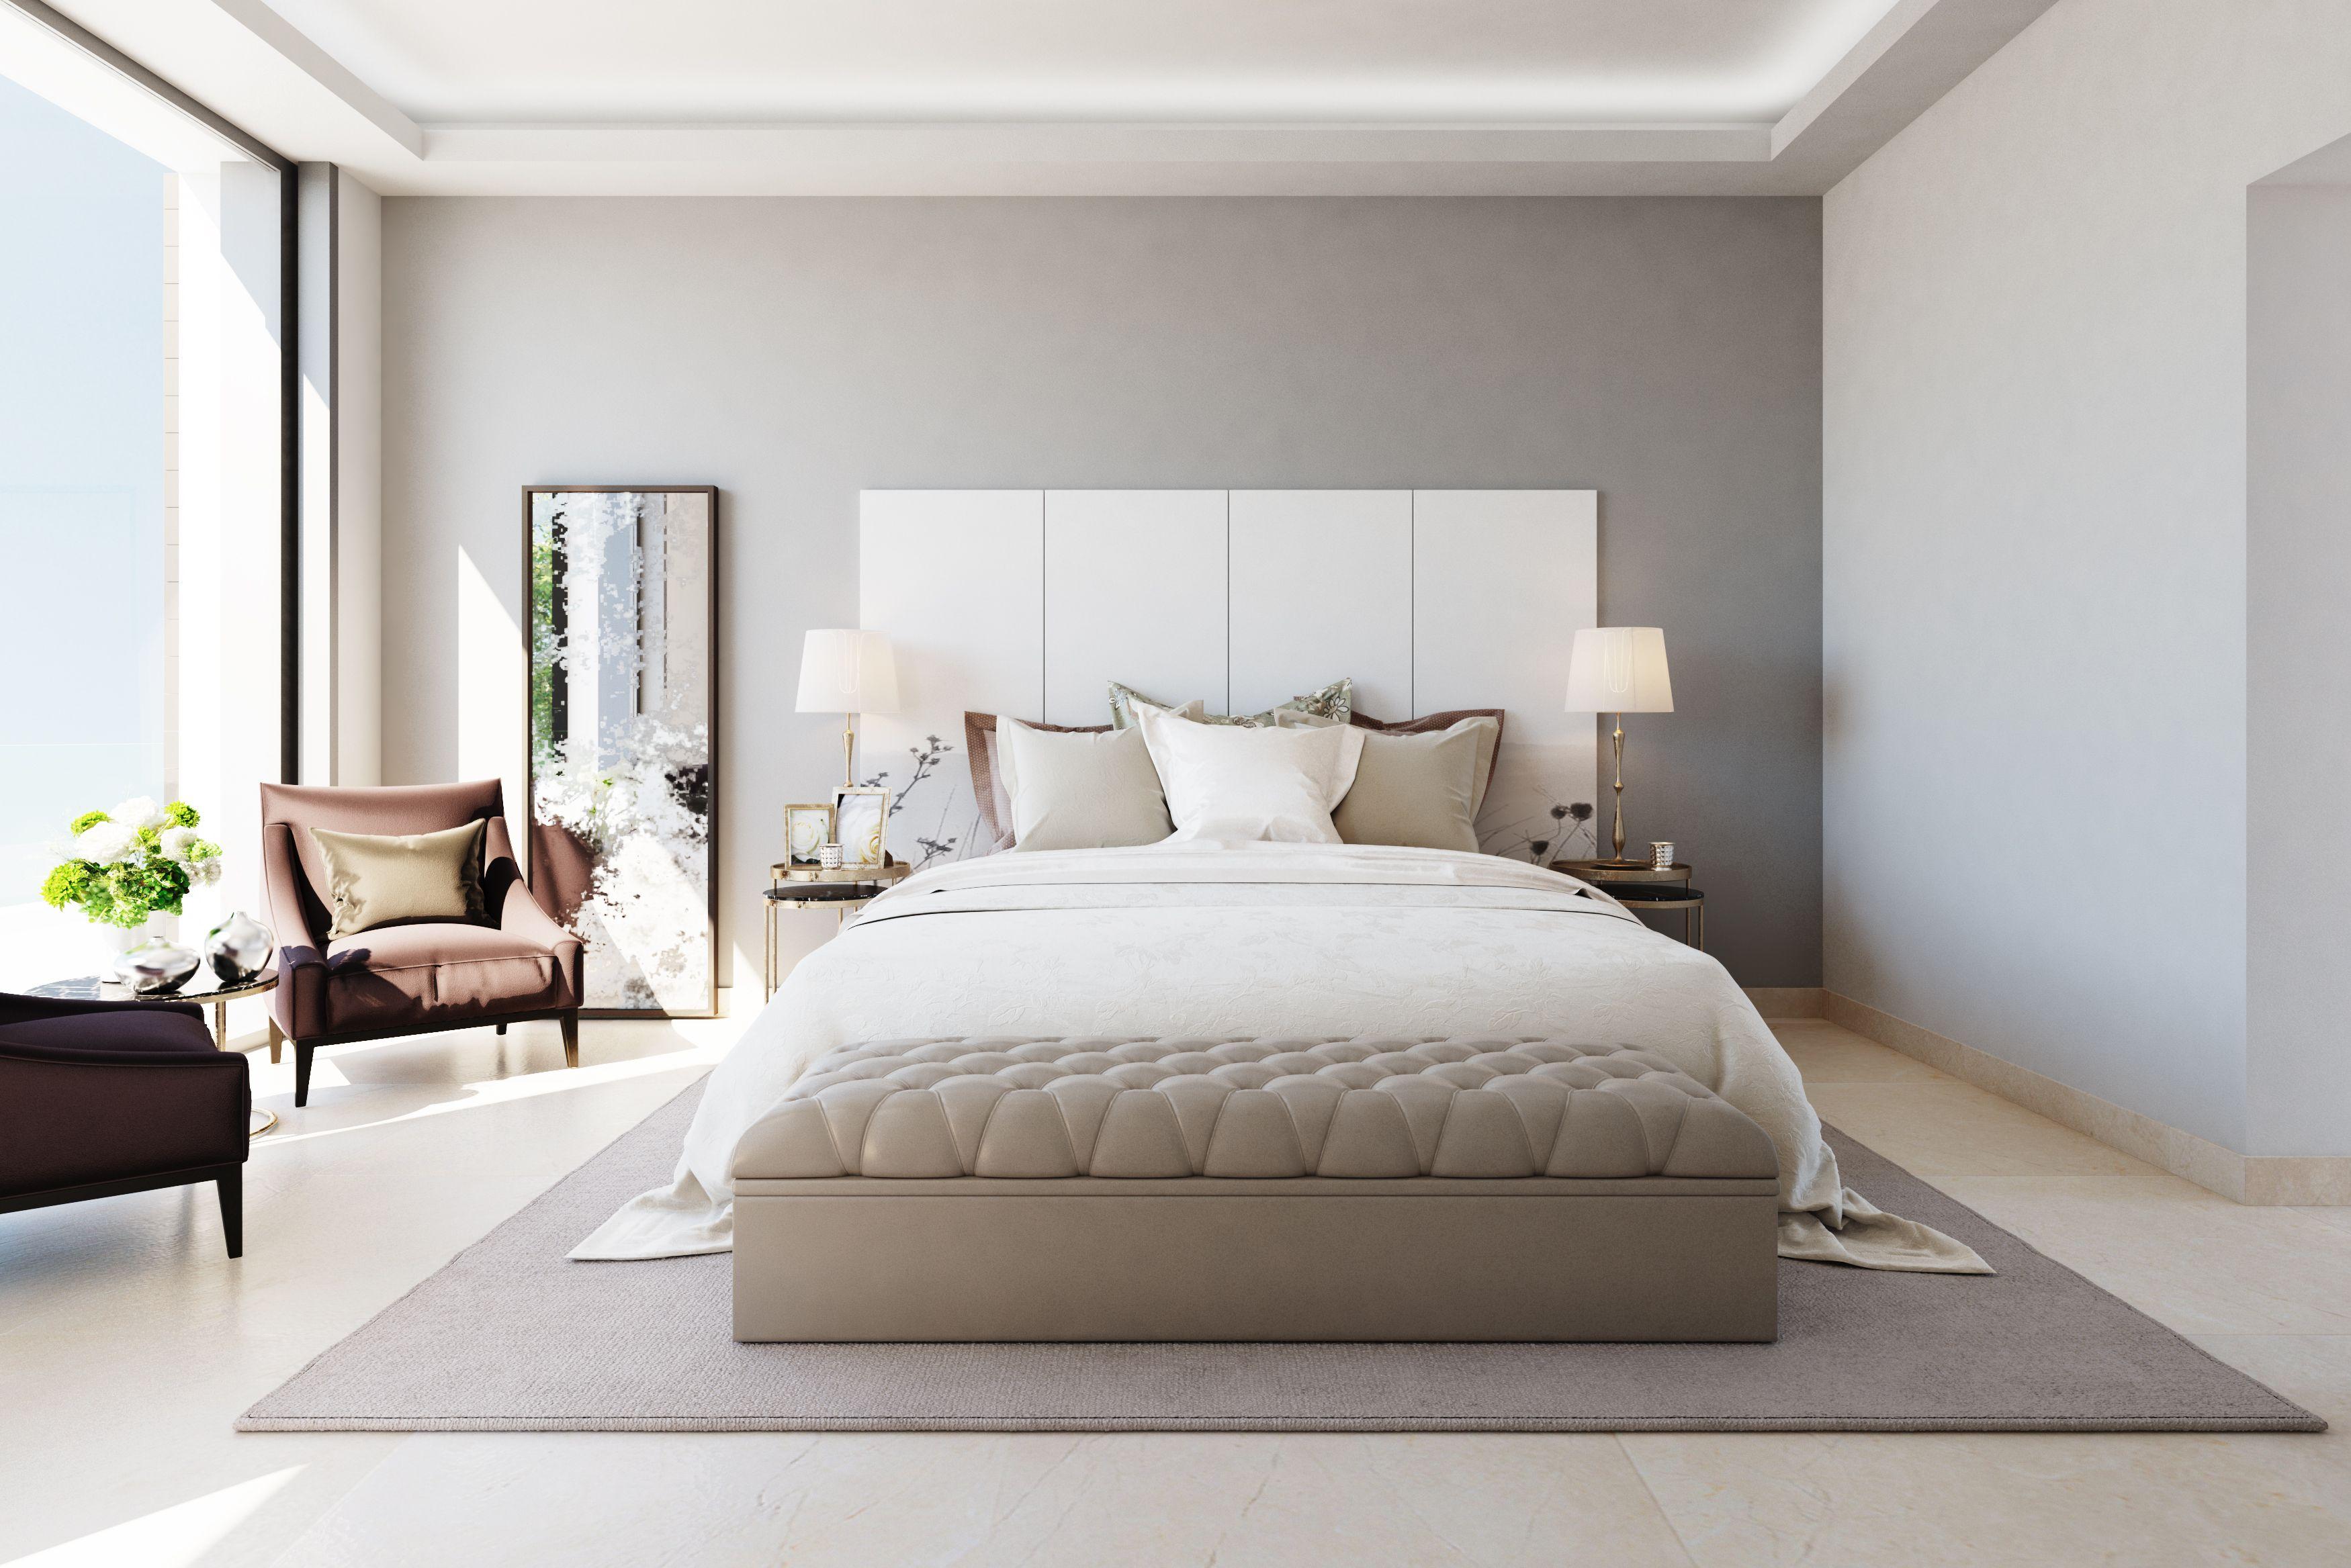 vista-cama-Villa-119-Marbella